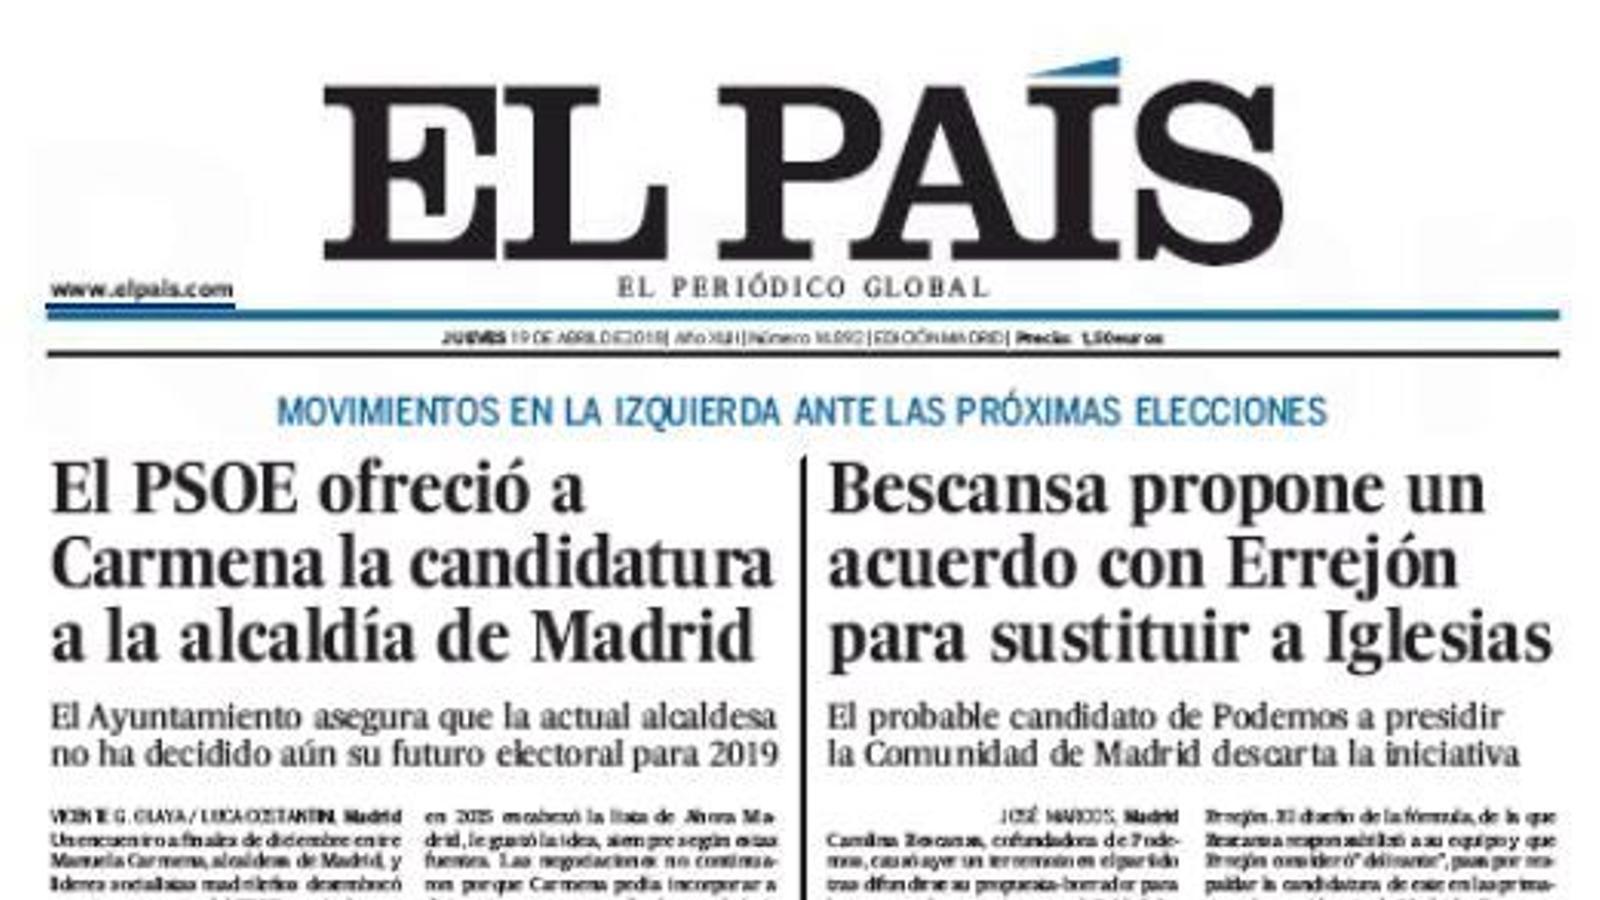 Portada d'El País, 19 d'abril del 2018